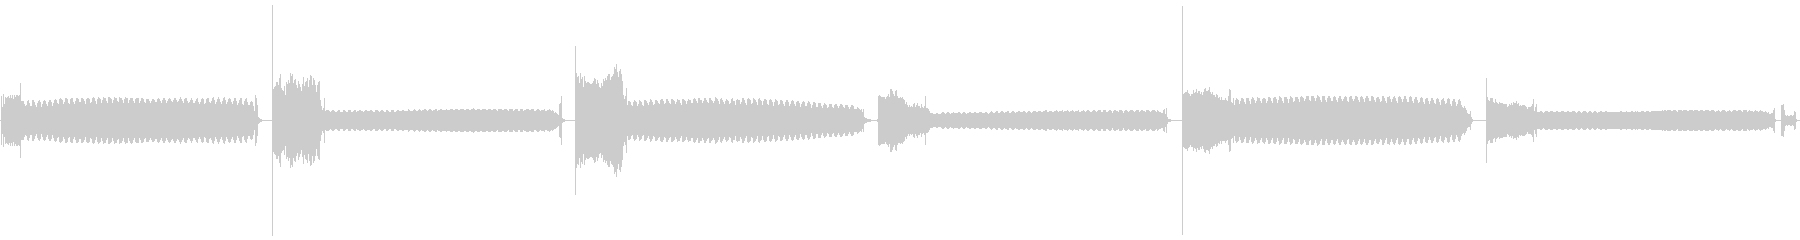 フィルムスキャナー:6つのネガ、プ...の未再生の波形